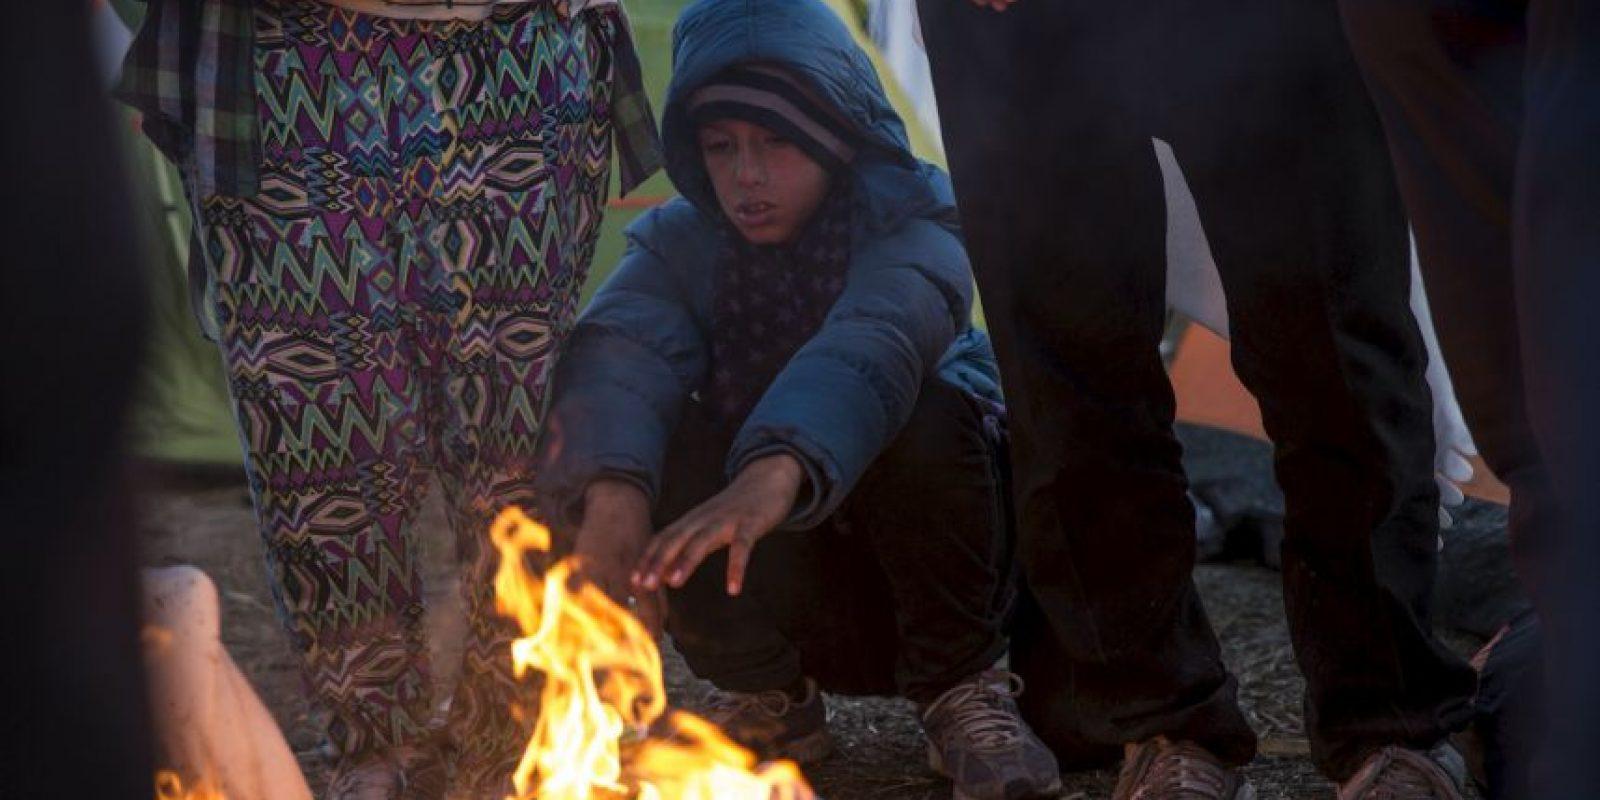 Le sigue Francia, con 24 mil 031 refugiados. Foto:Getty Images